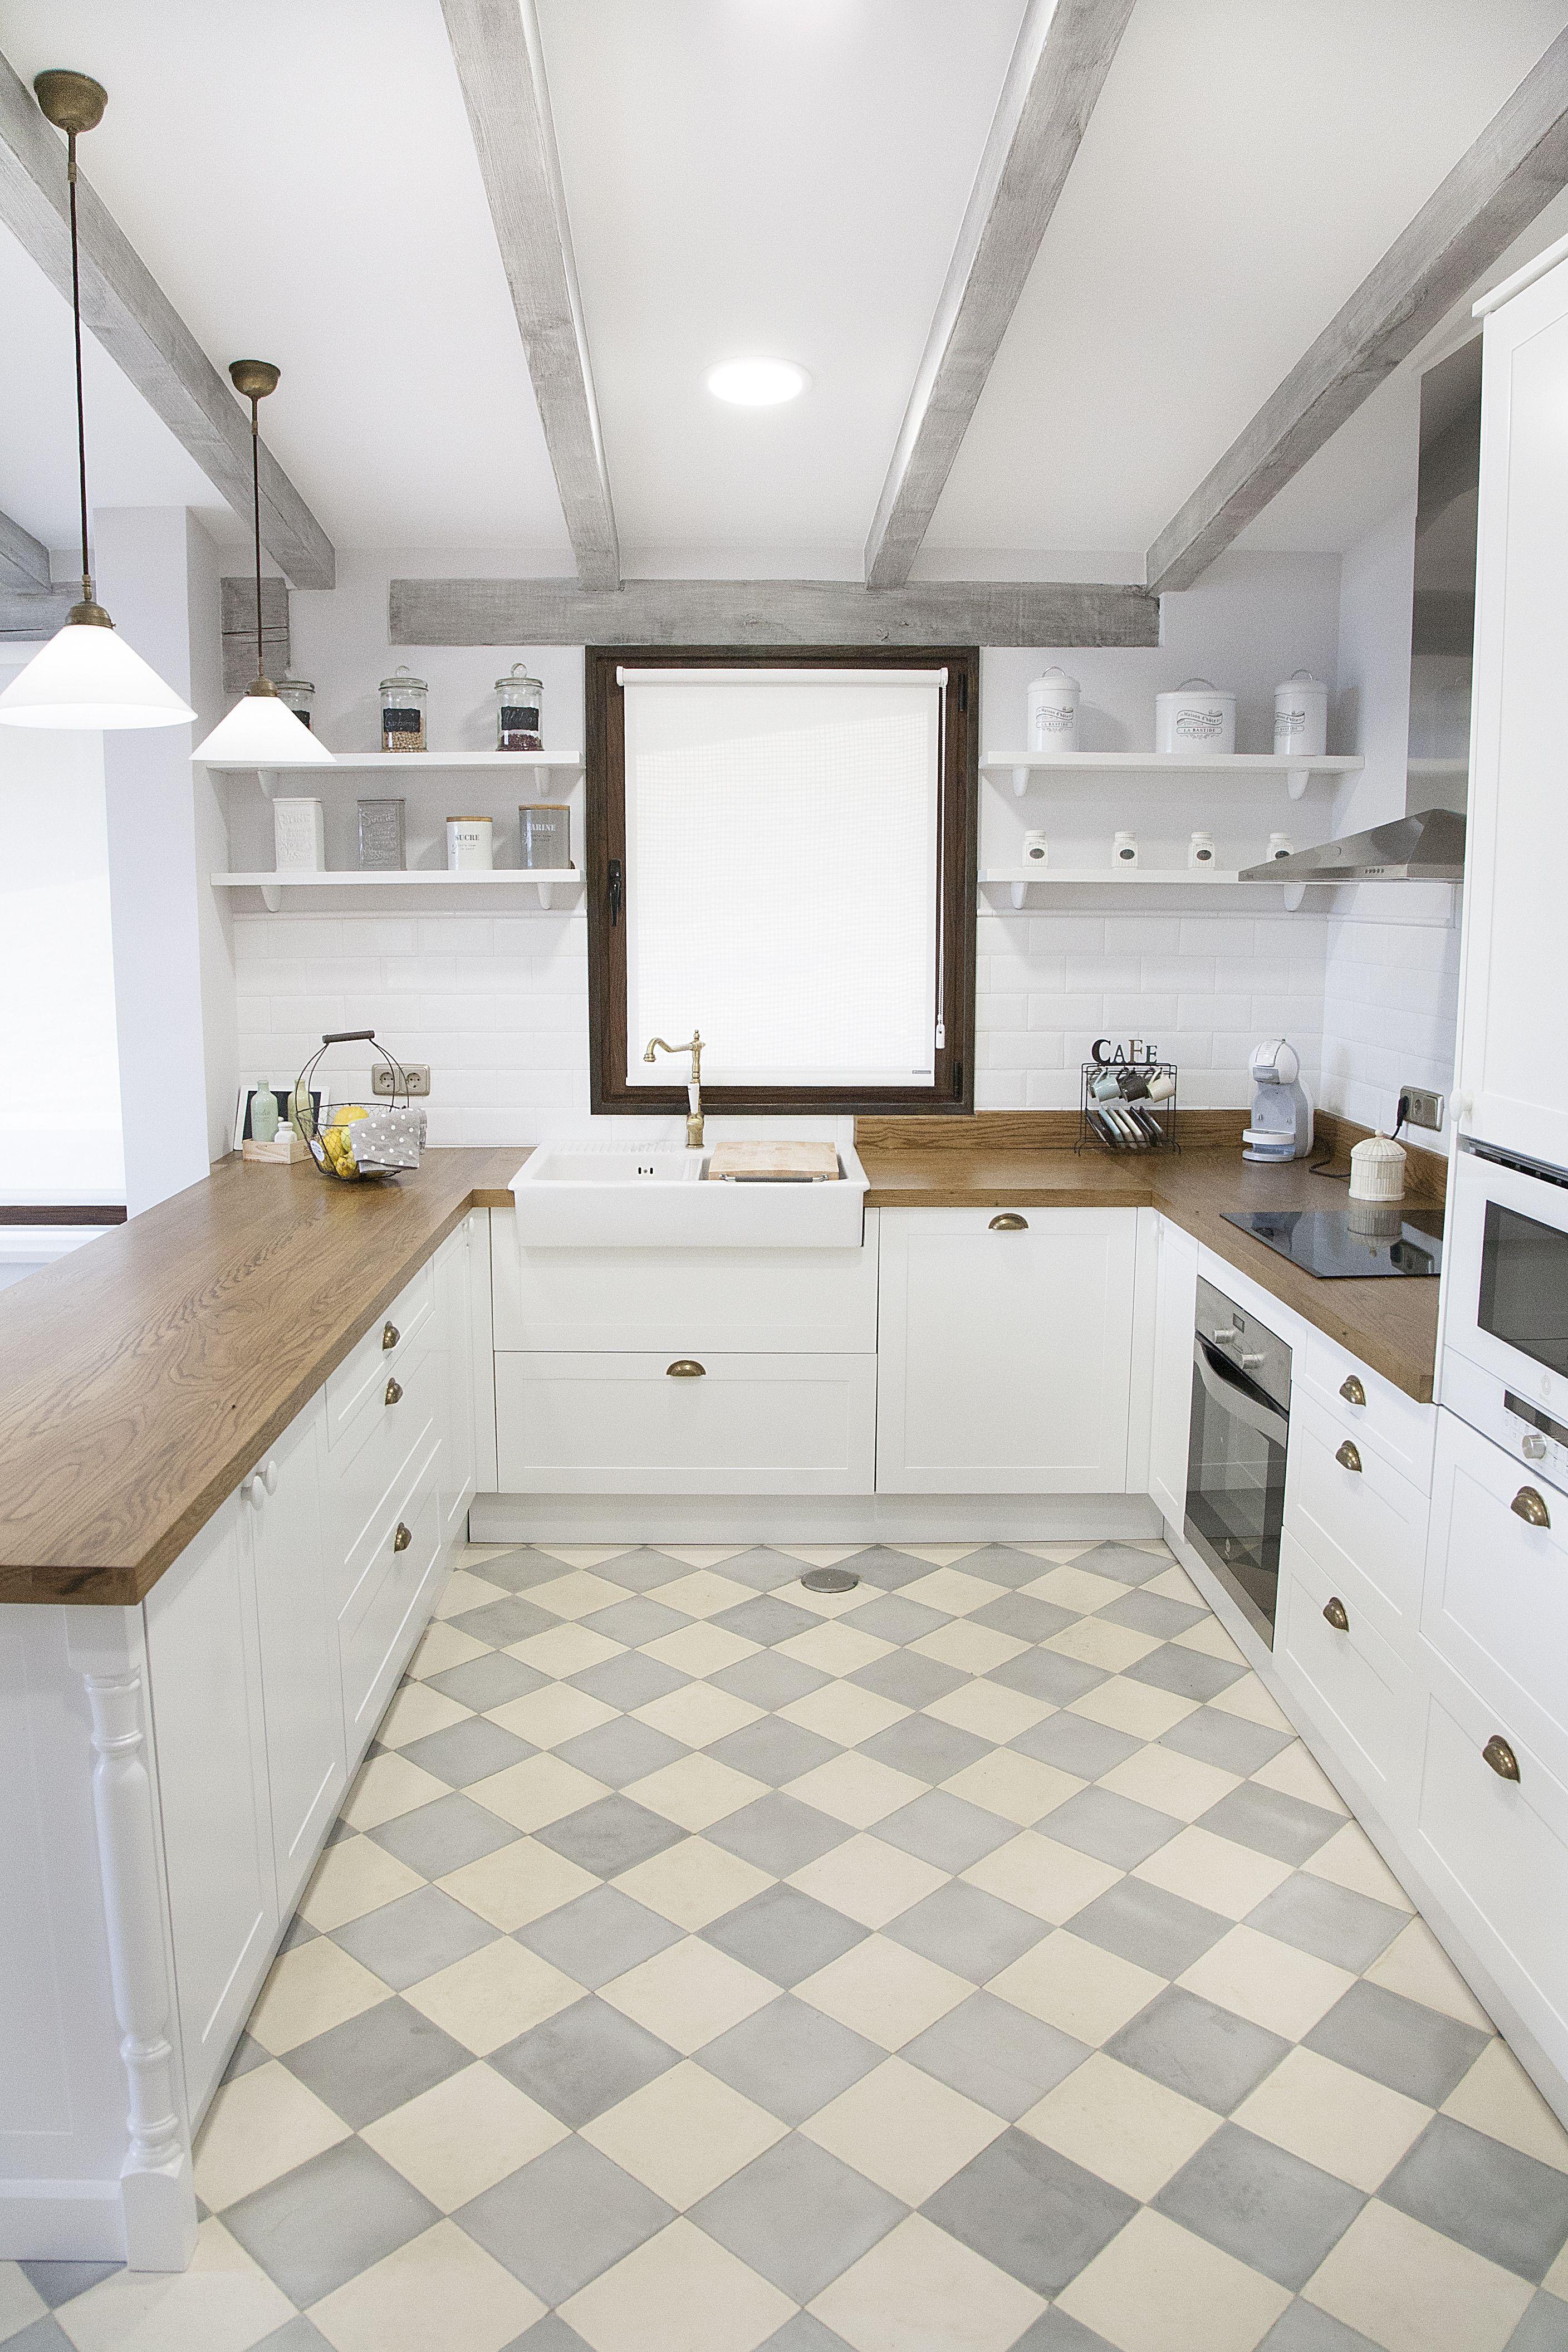 Cocina blanca encimera de madera suelo hidr ulico - Encimera de madera para cocina ...